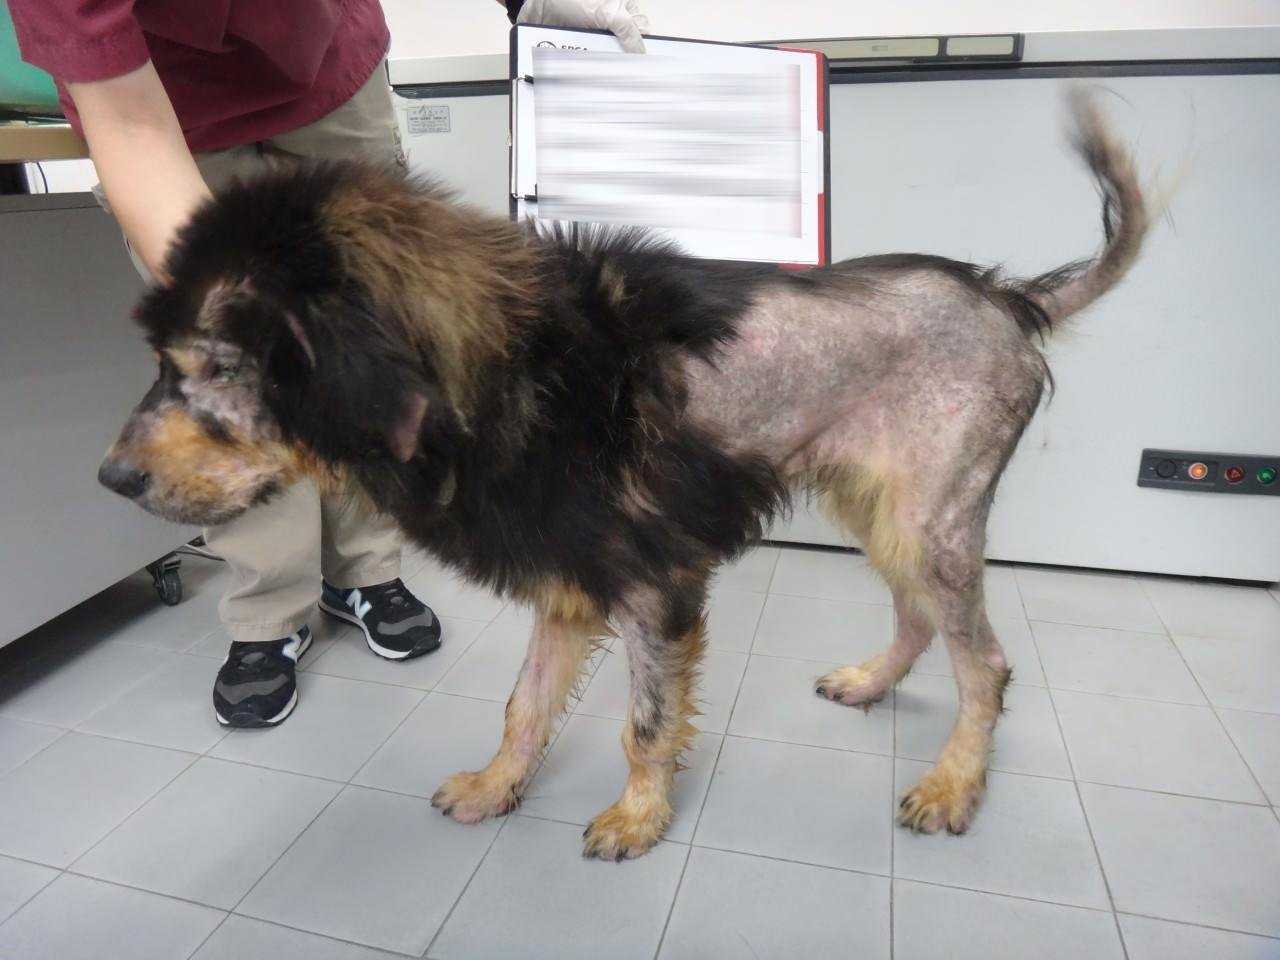 虐待動物案件中,動物是重要的證物,有既定程序及指引處置動物。(SPCA提供)